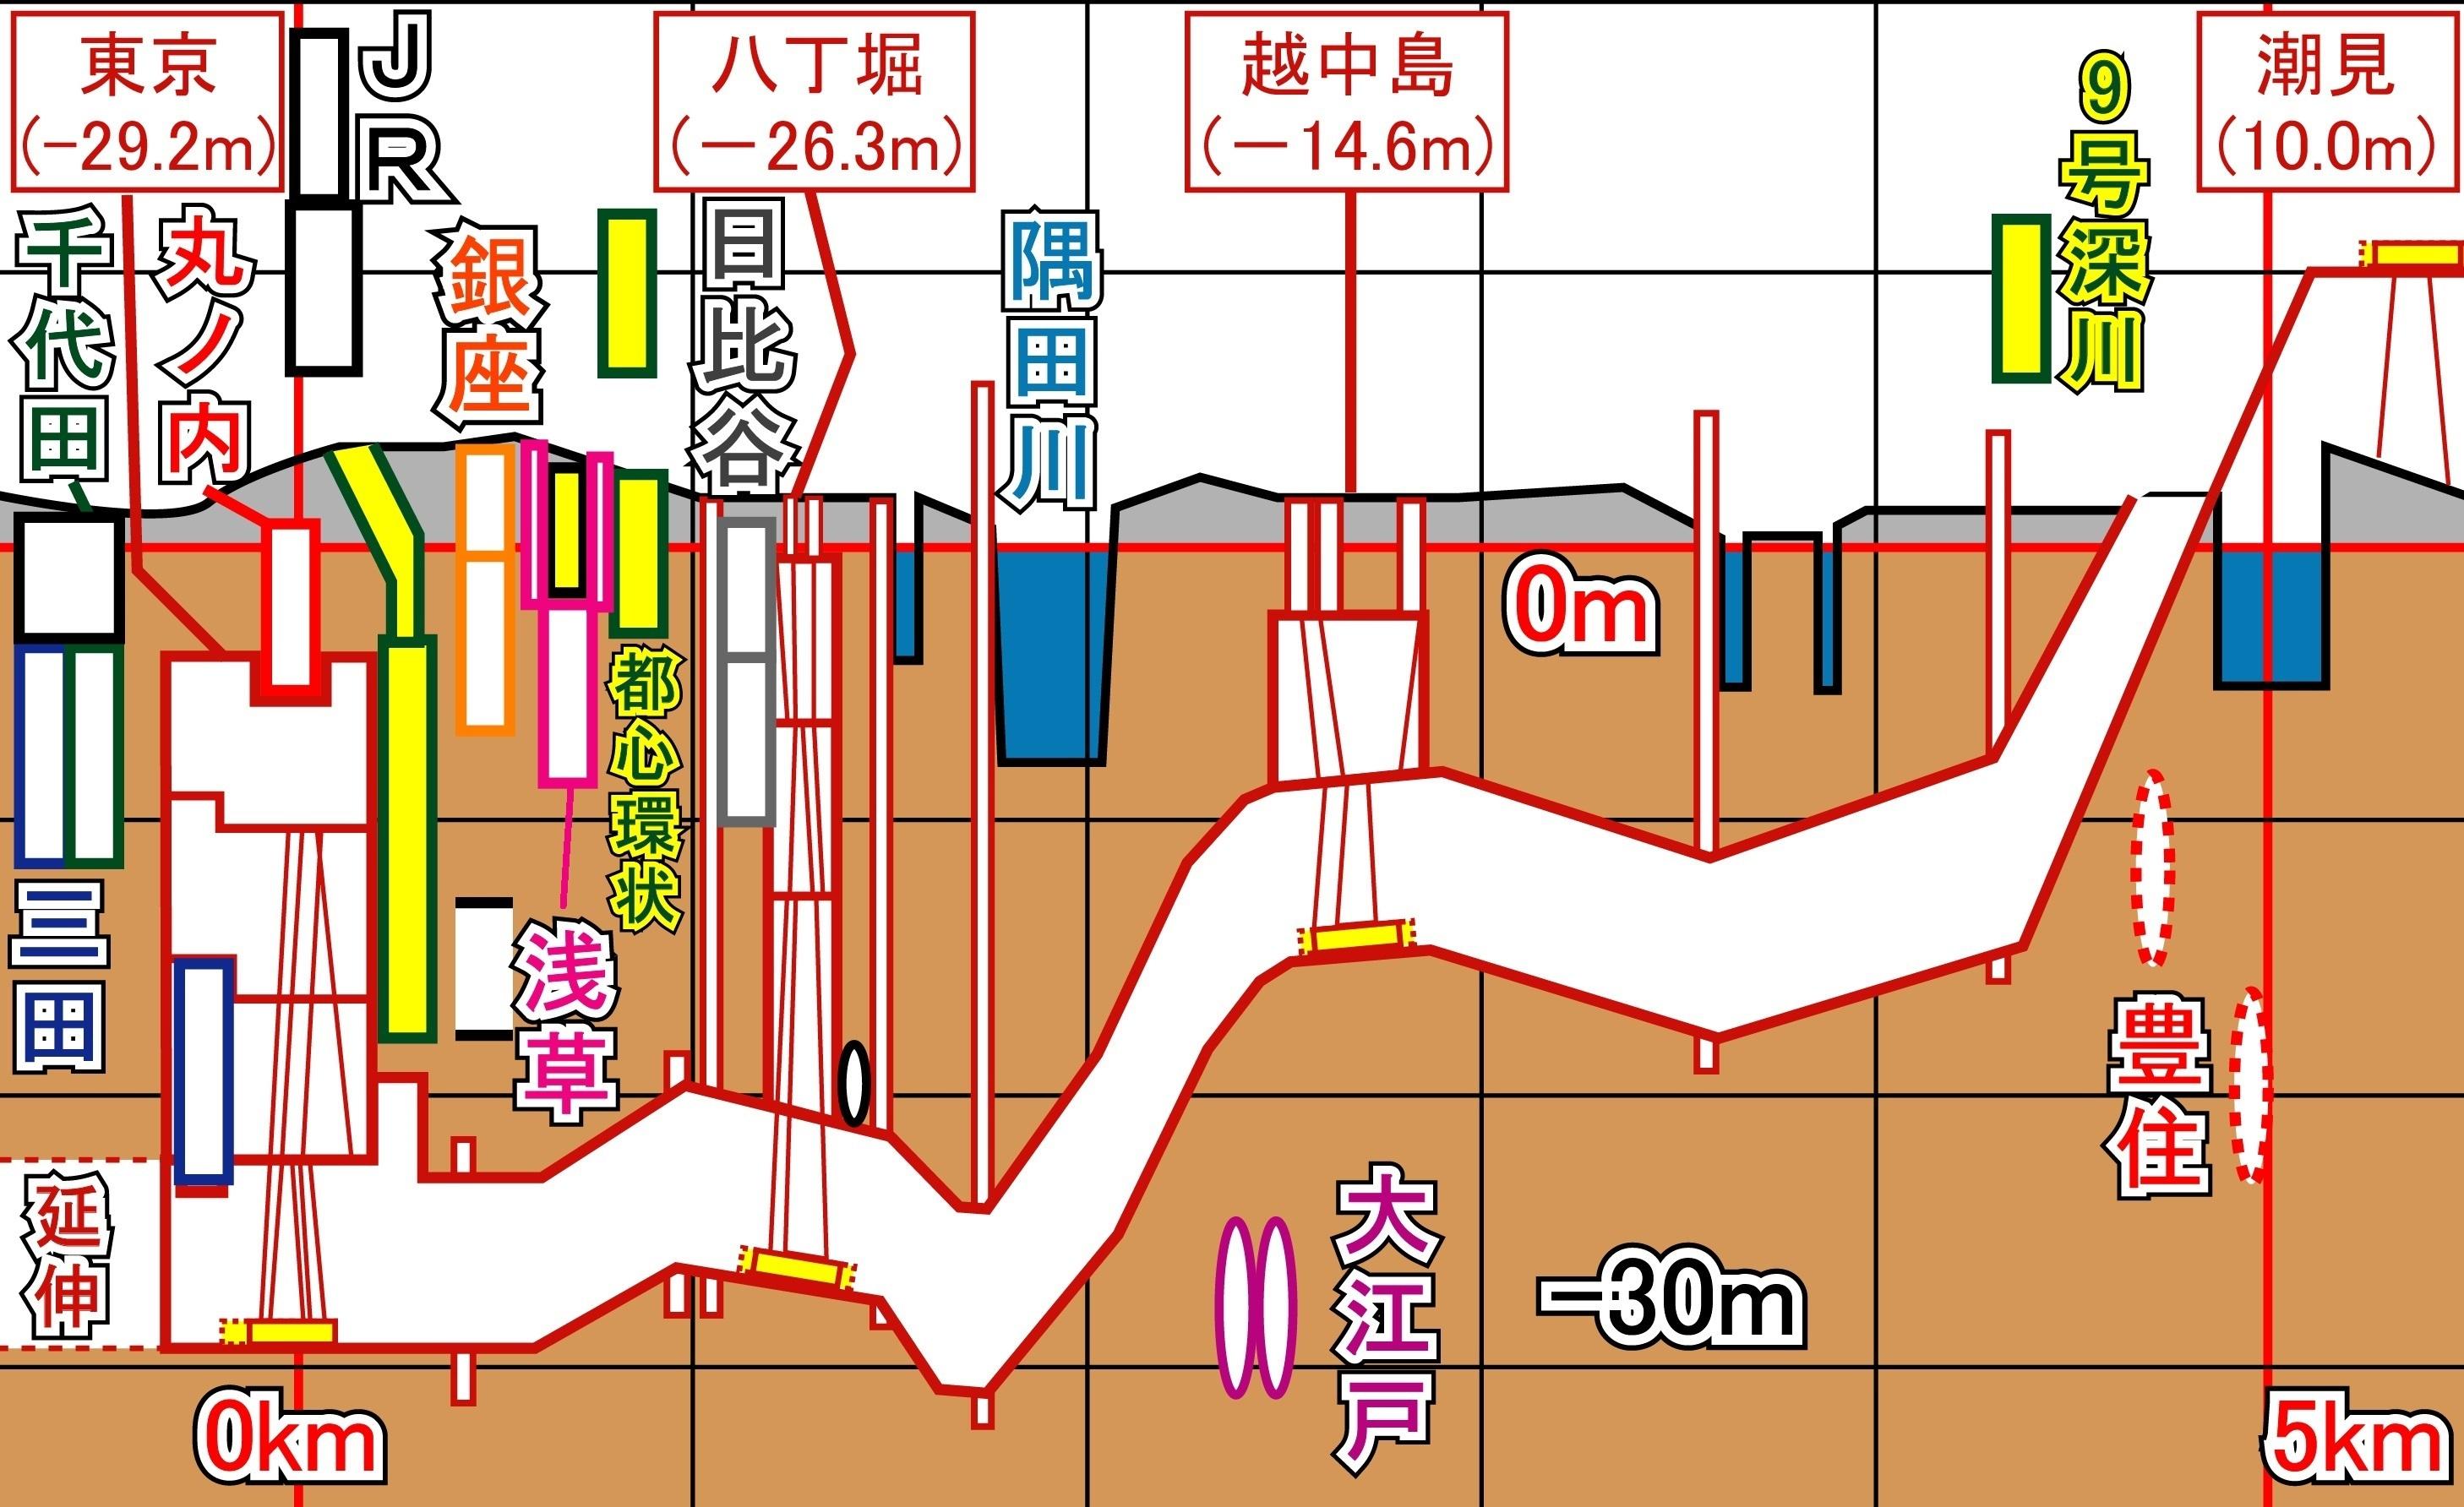 路線 京葉 図 線